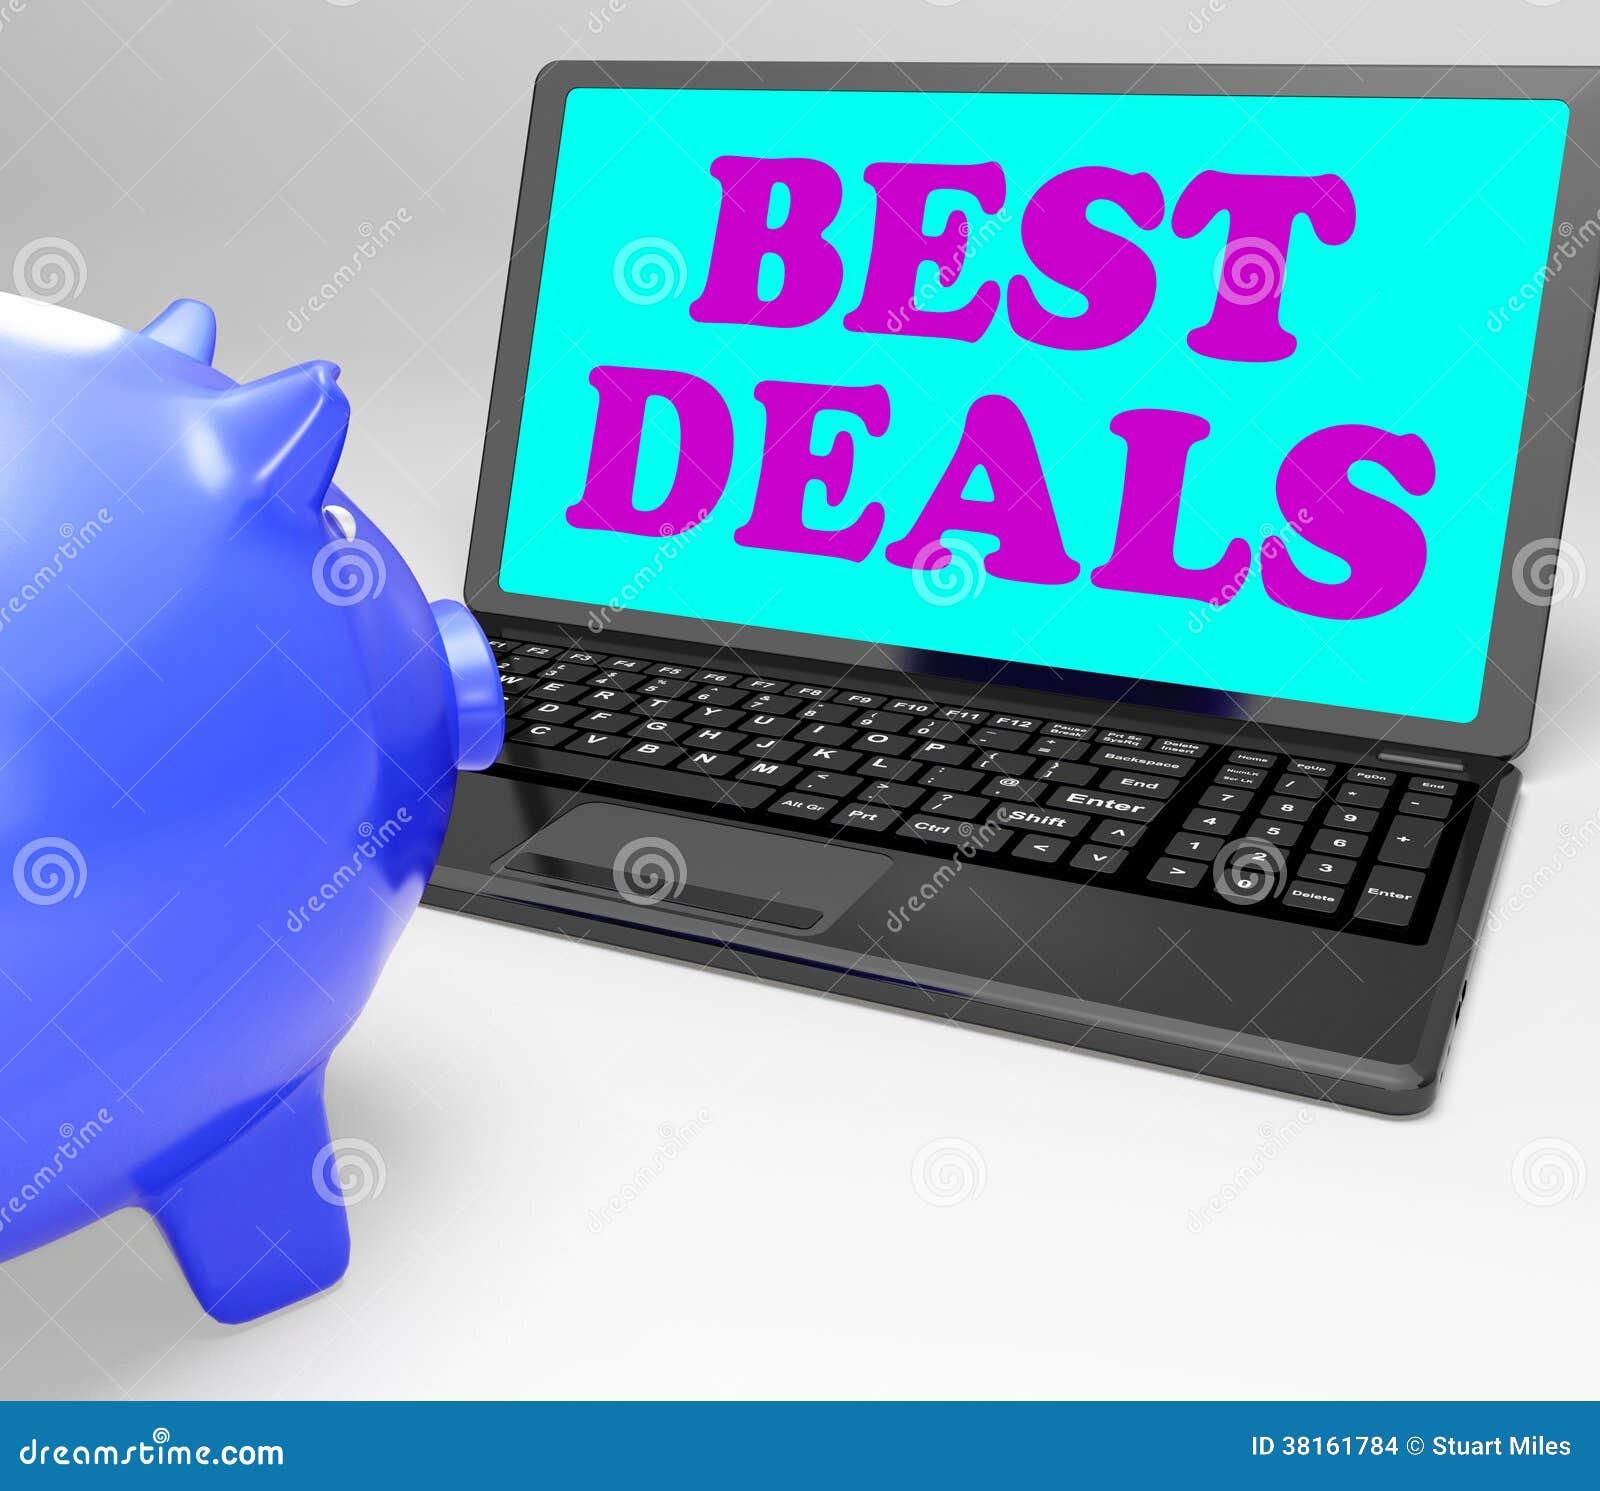 Best laptop deals on amazon.co.uk